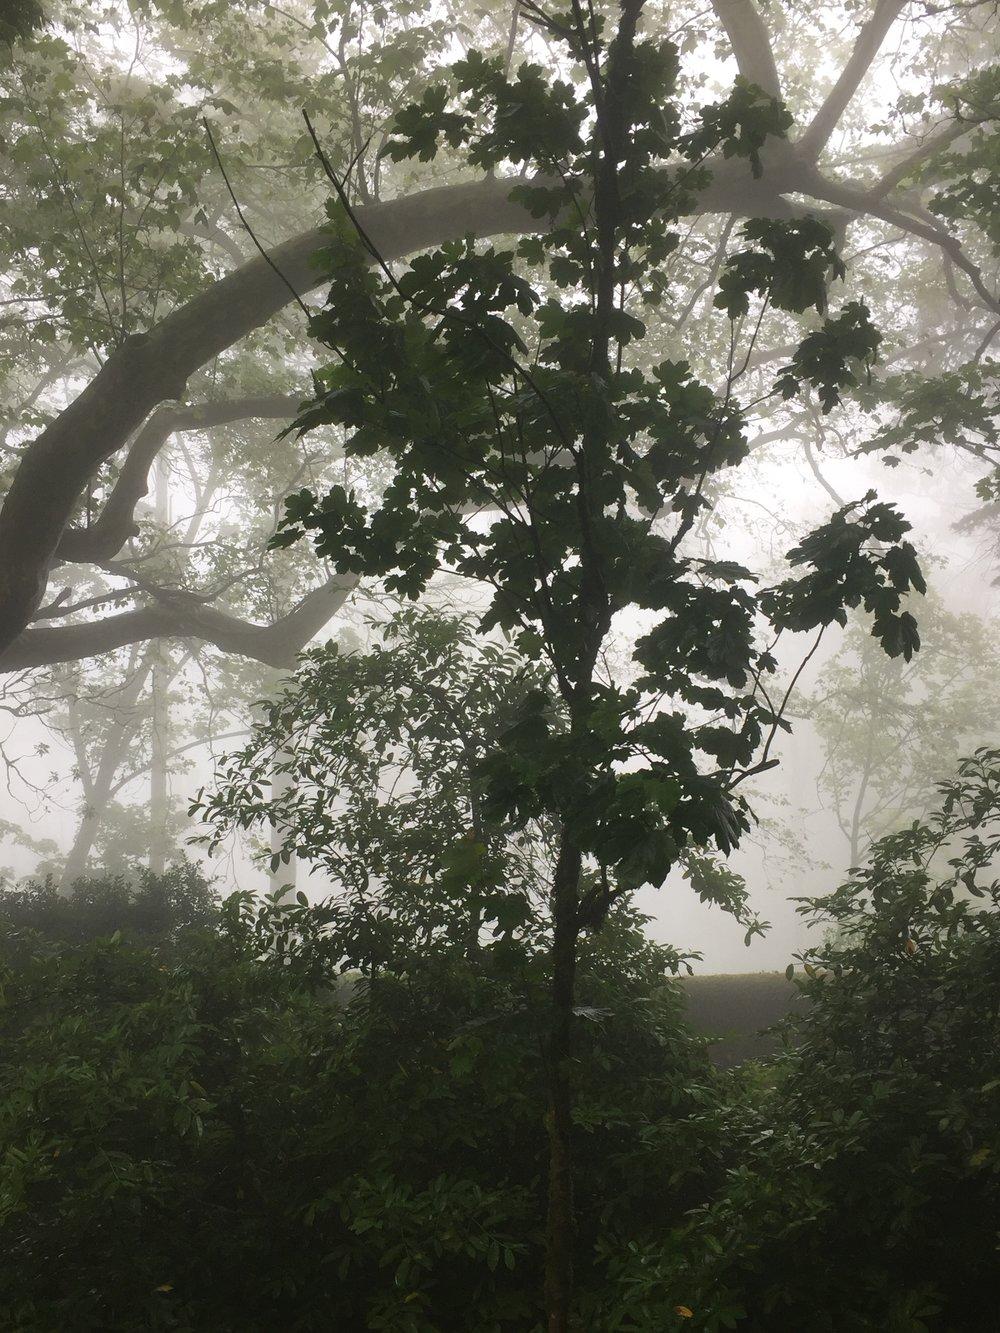 Na subida à Pena,a mística e a neblina envolvem a floresta densa e repleta de espécies do mundo todo.